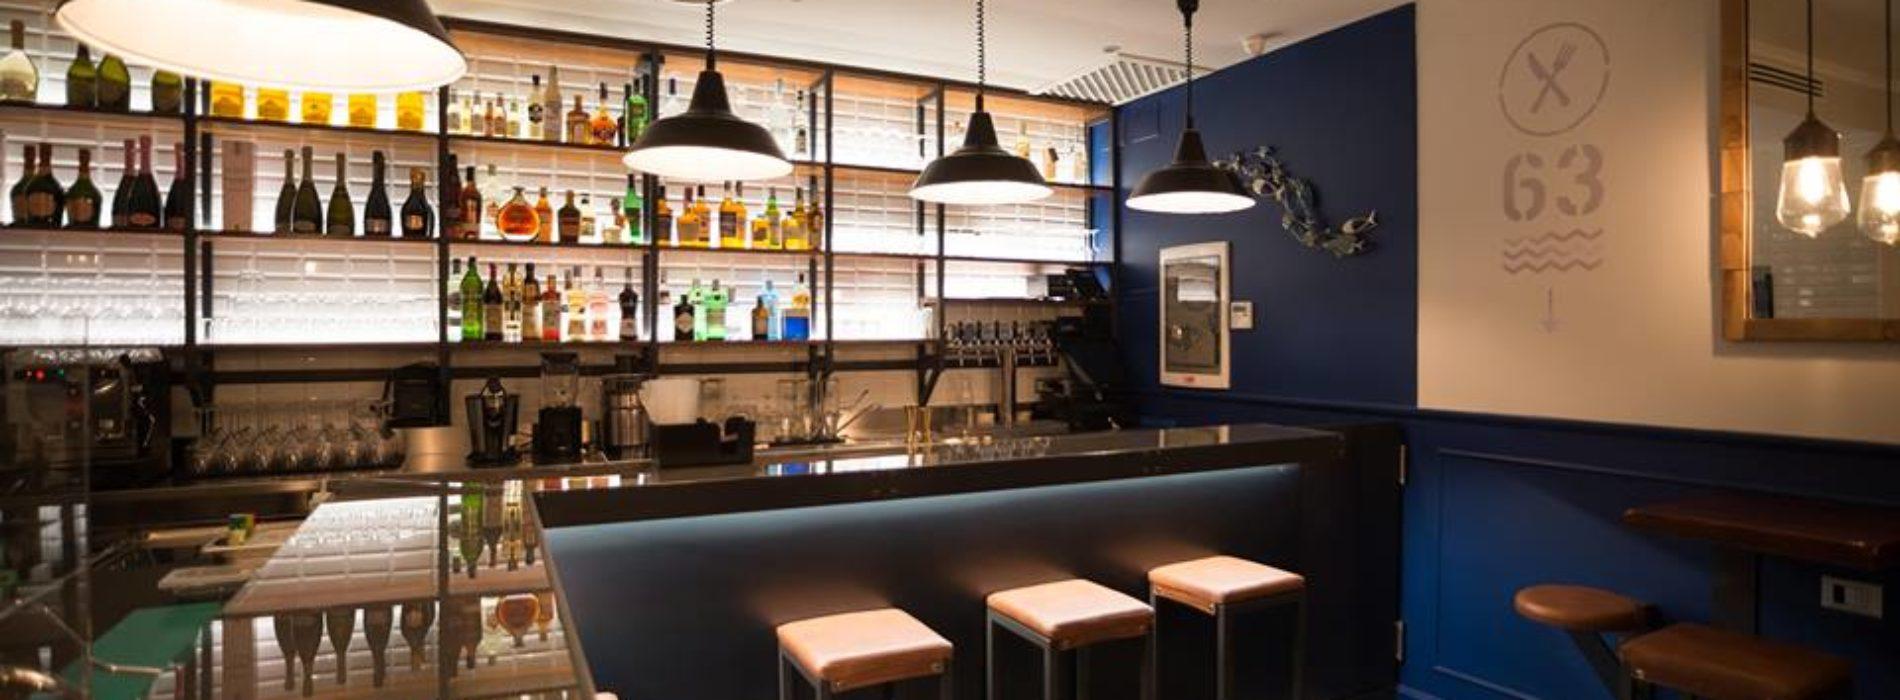 Banchina 63 Roma, fish bar con cocktail e champagne a Prati